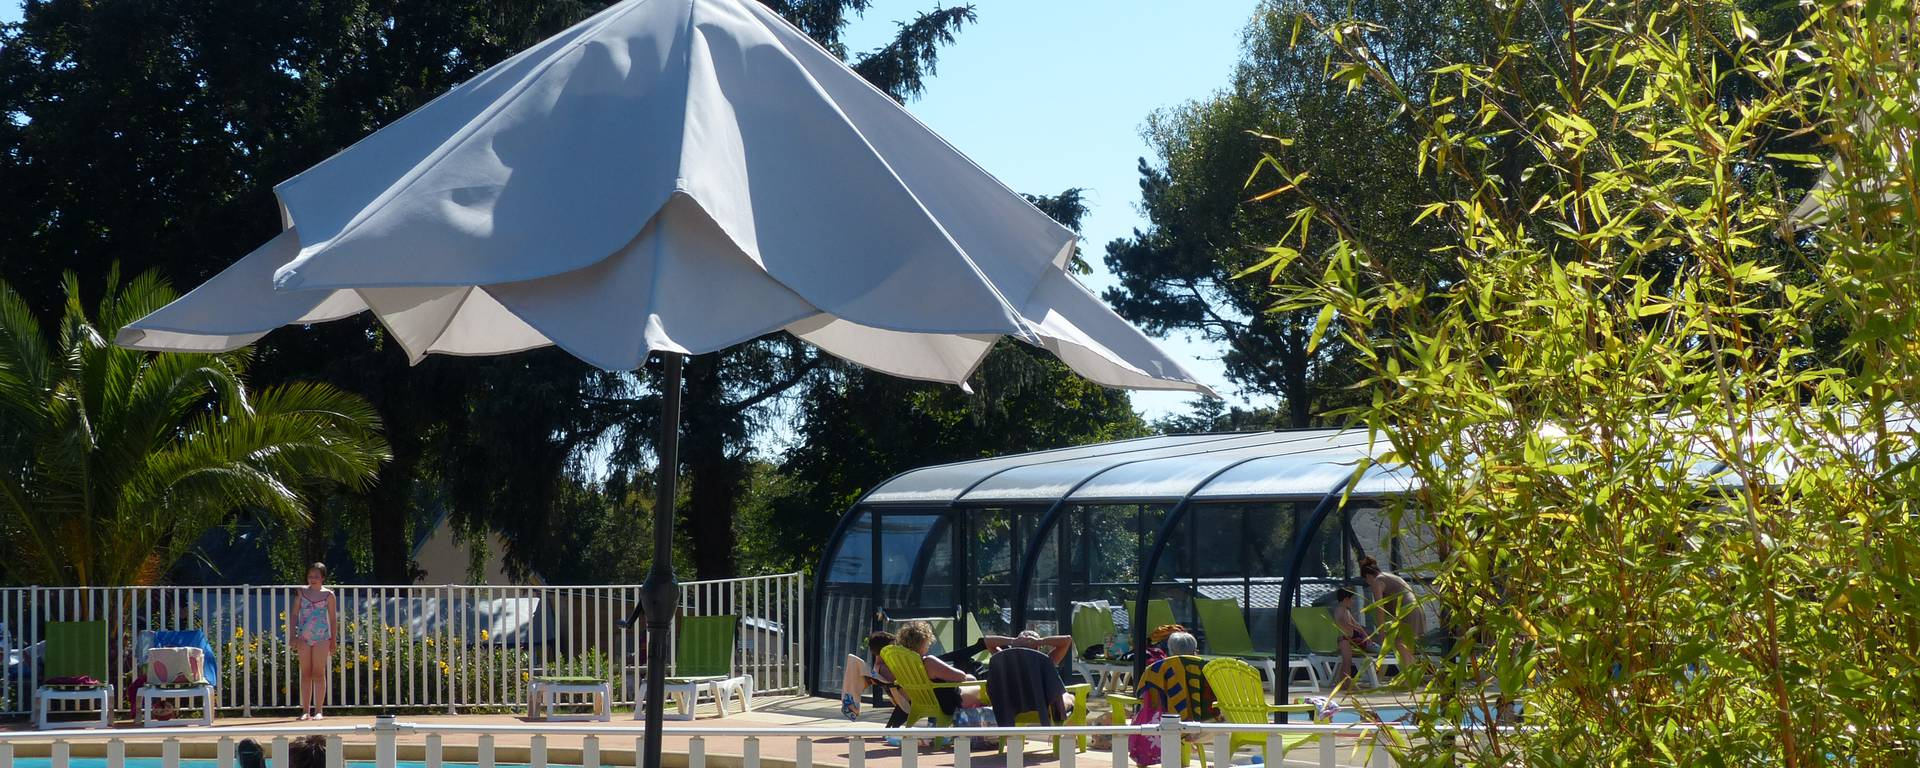 Que faire, que visiter à Combrit Sainte Marine ? Camping Le Helles - Combrit - Pays Bigouden ©Le Helles